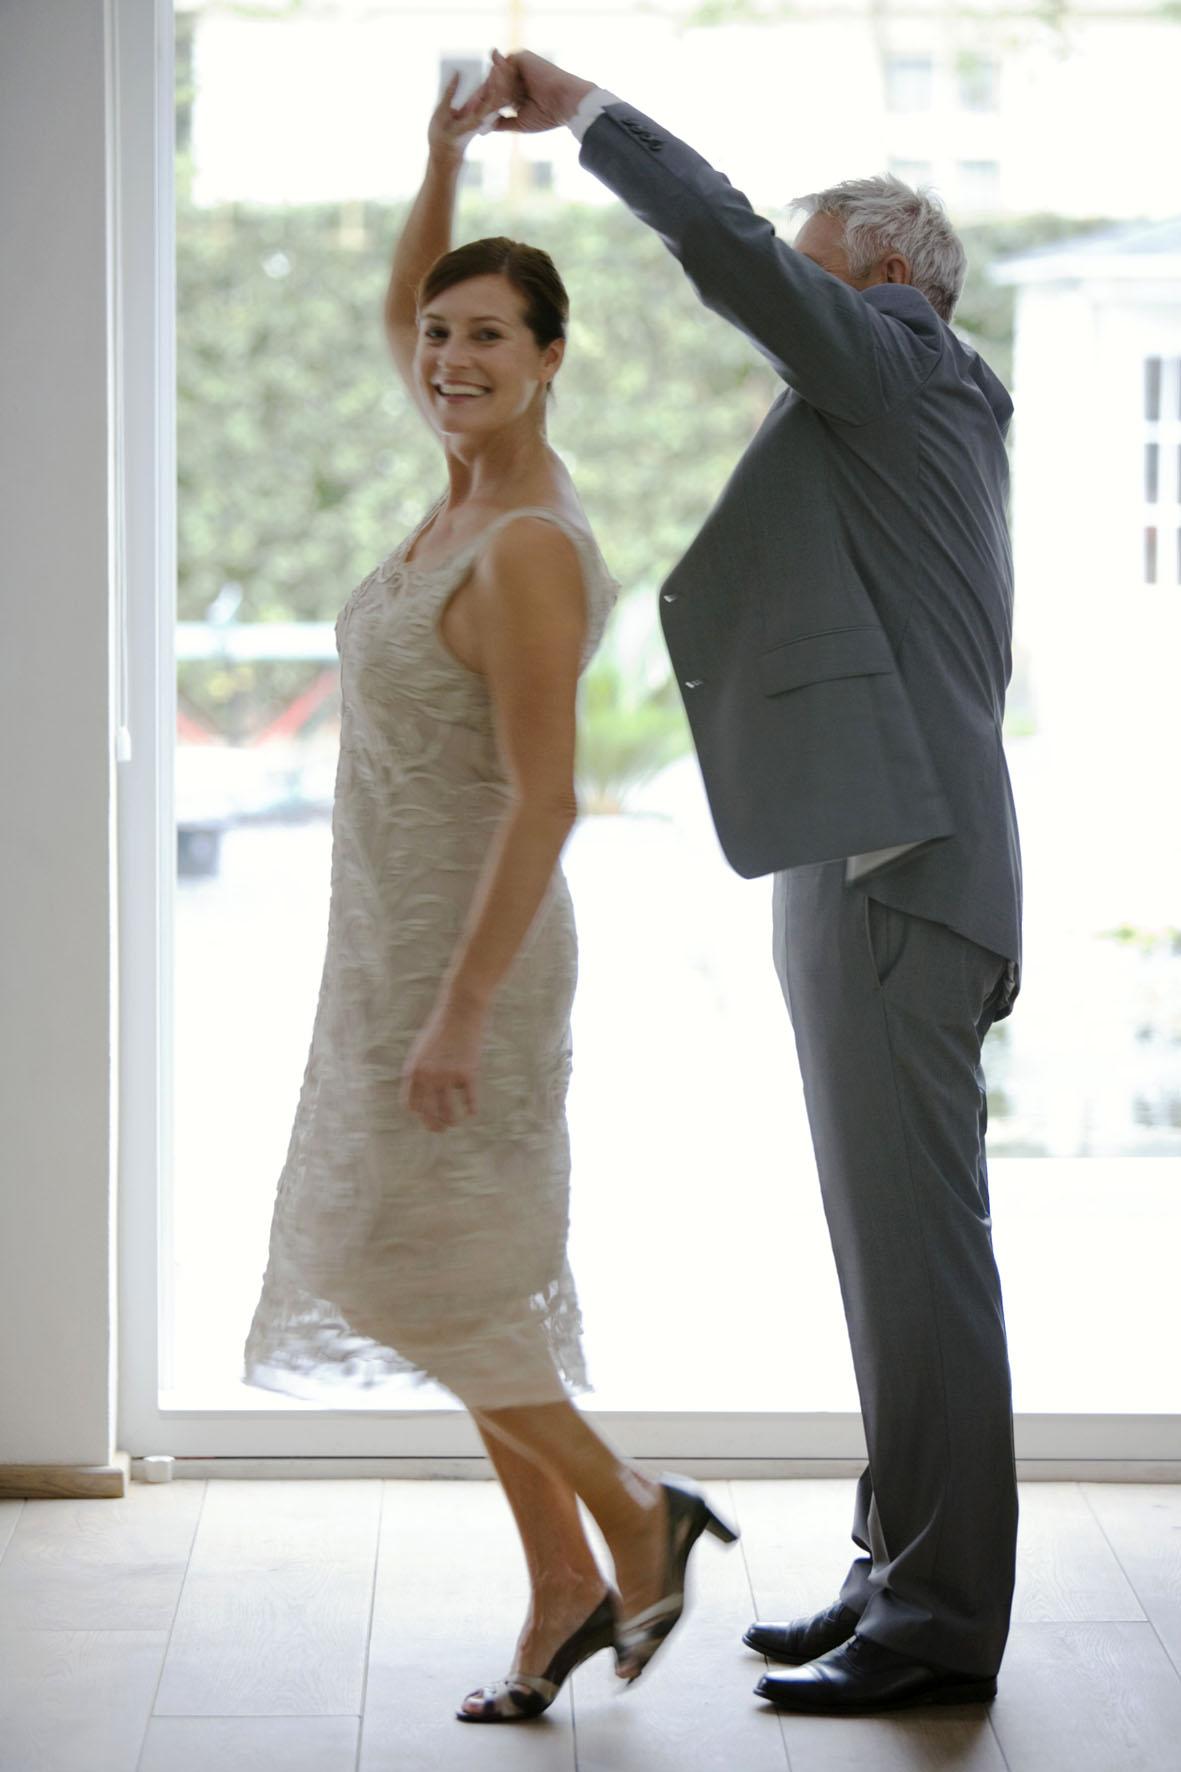 Ein aktiver Lebensstil mit regelmäßiger Bewegung ist wichtig zur Vorbeugung von Venenschwäche - Venenschwäche erkennen